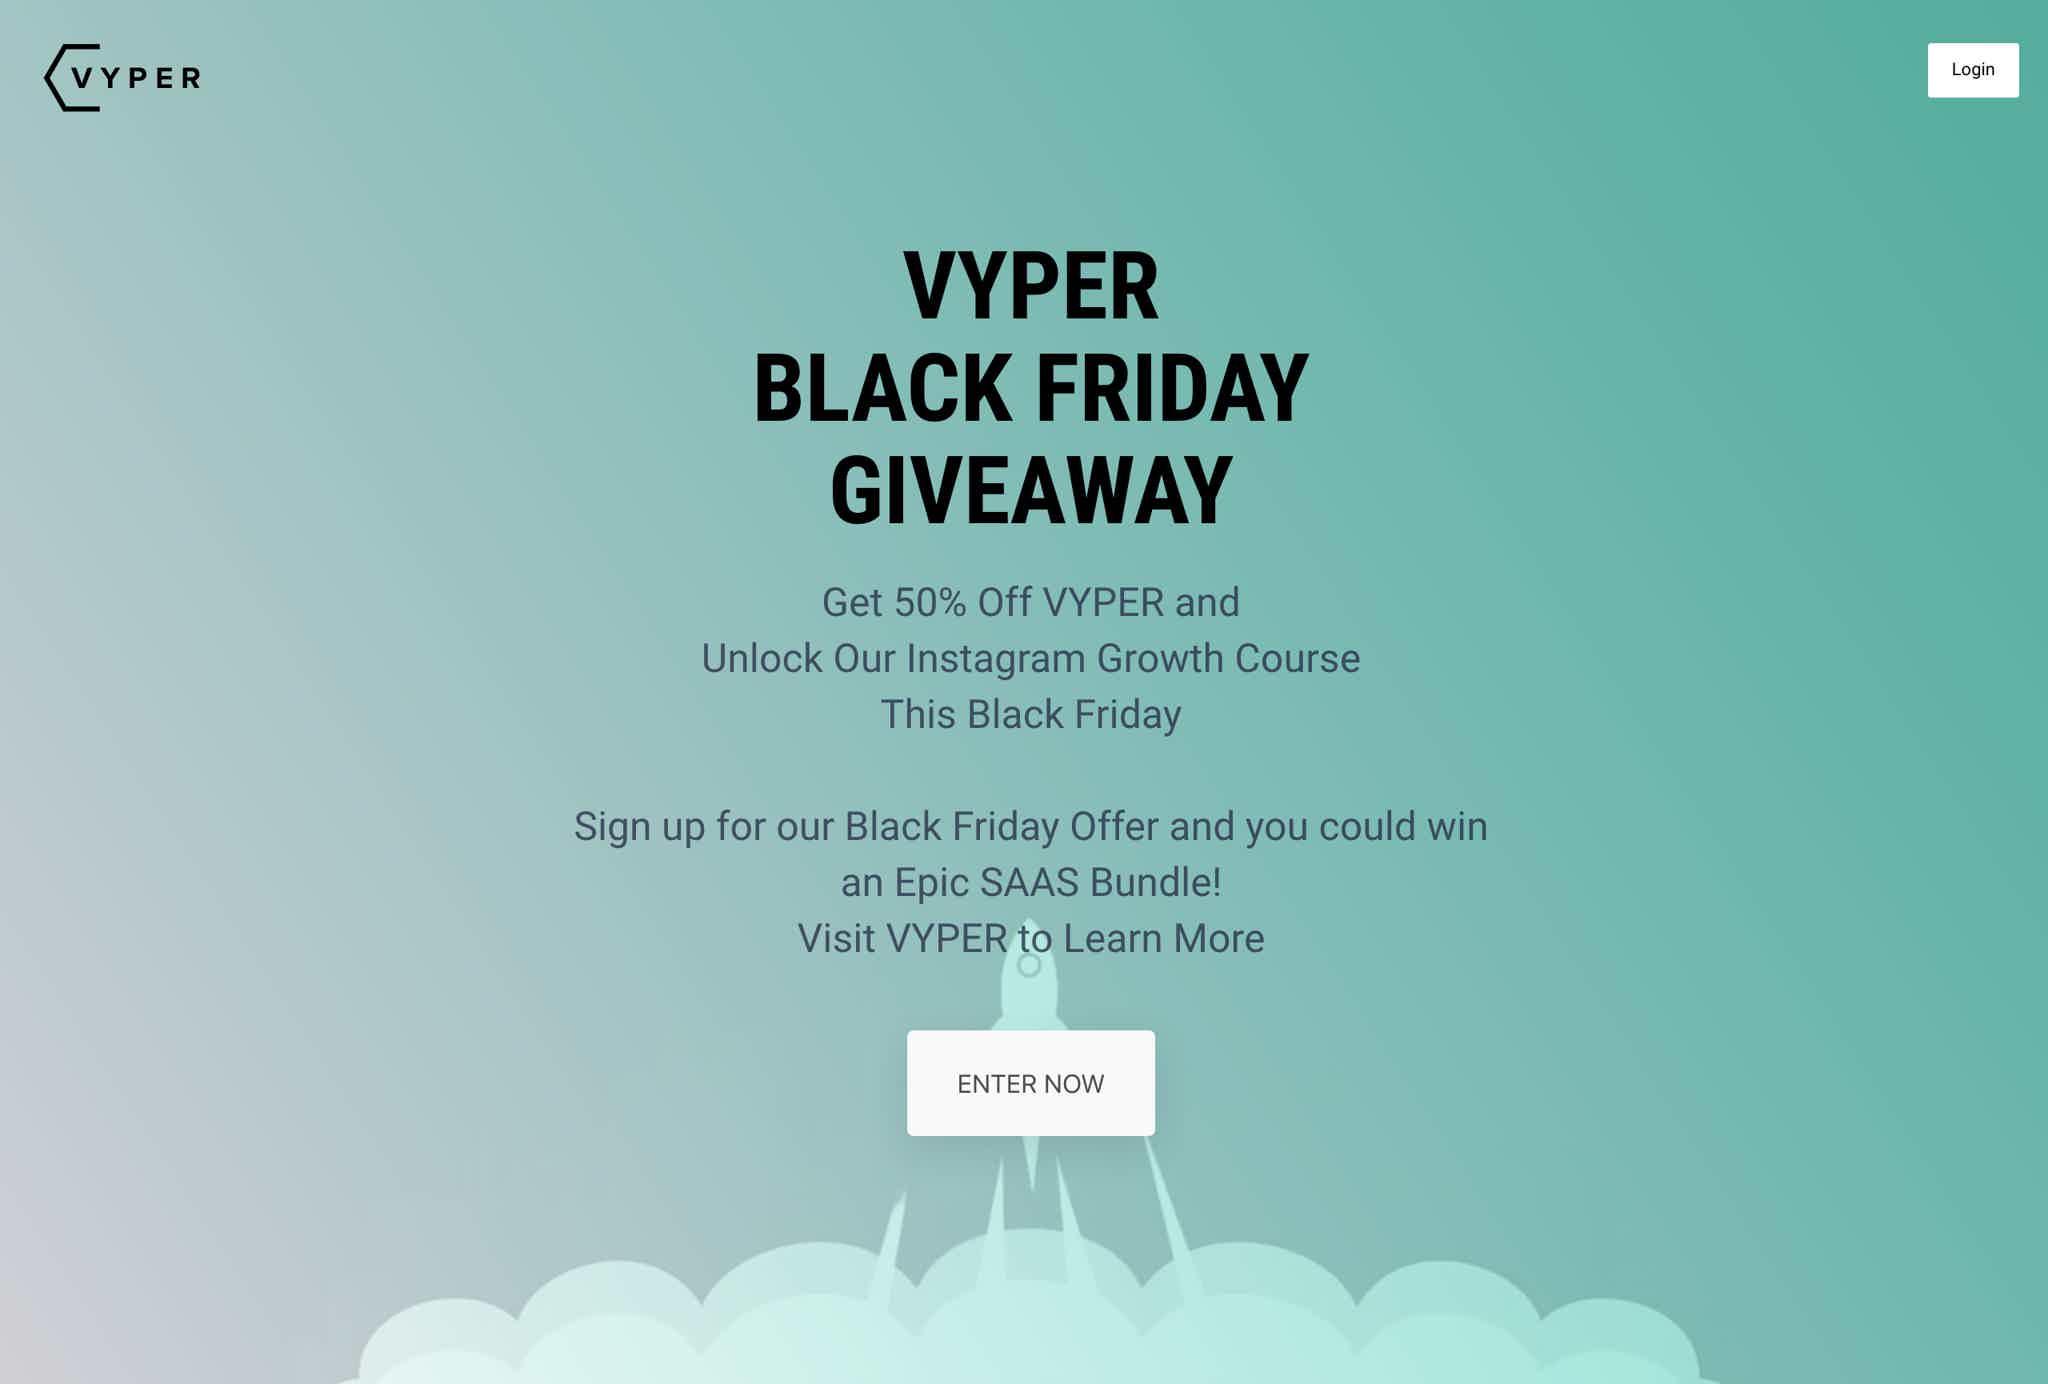 VYPER Black Friday Giveaway